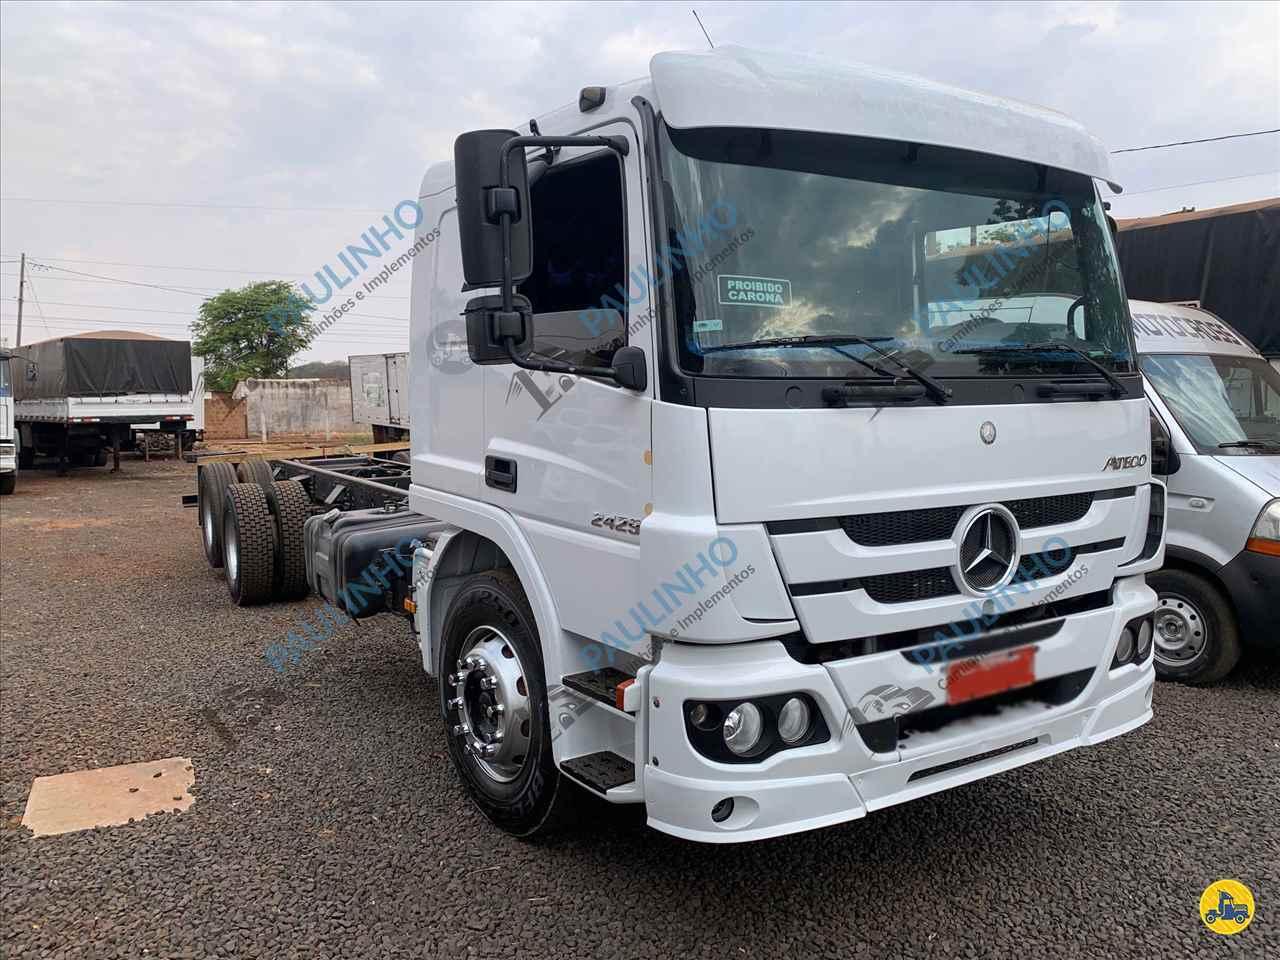 CAMINHAO MERCEDES-BENZ MB 2429 Chassis Truck 6x2 Paulinho Caminhões RIO VERDE GOIAS GO